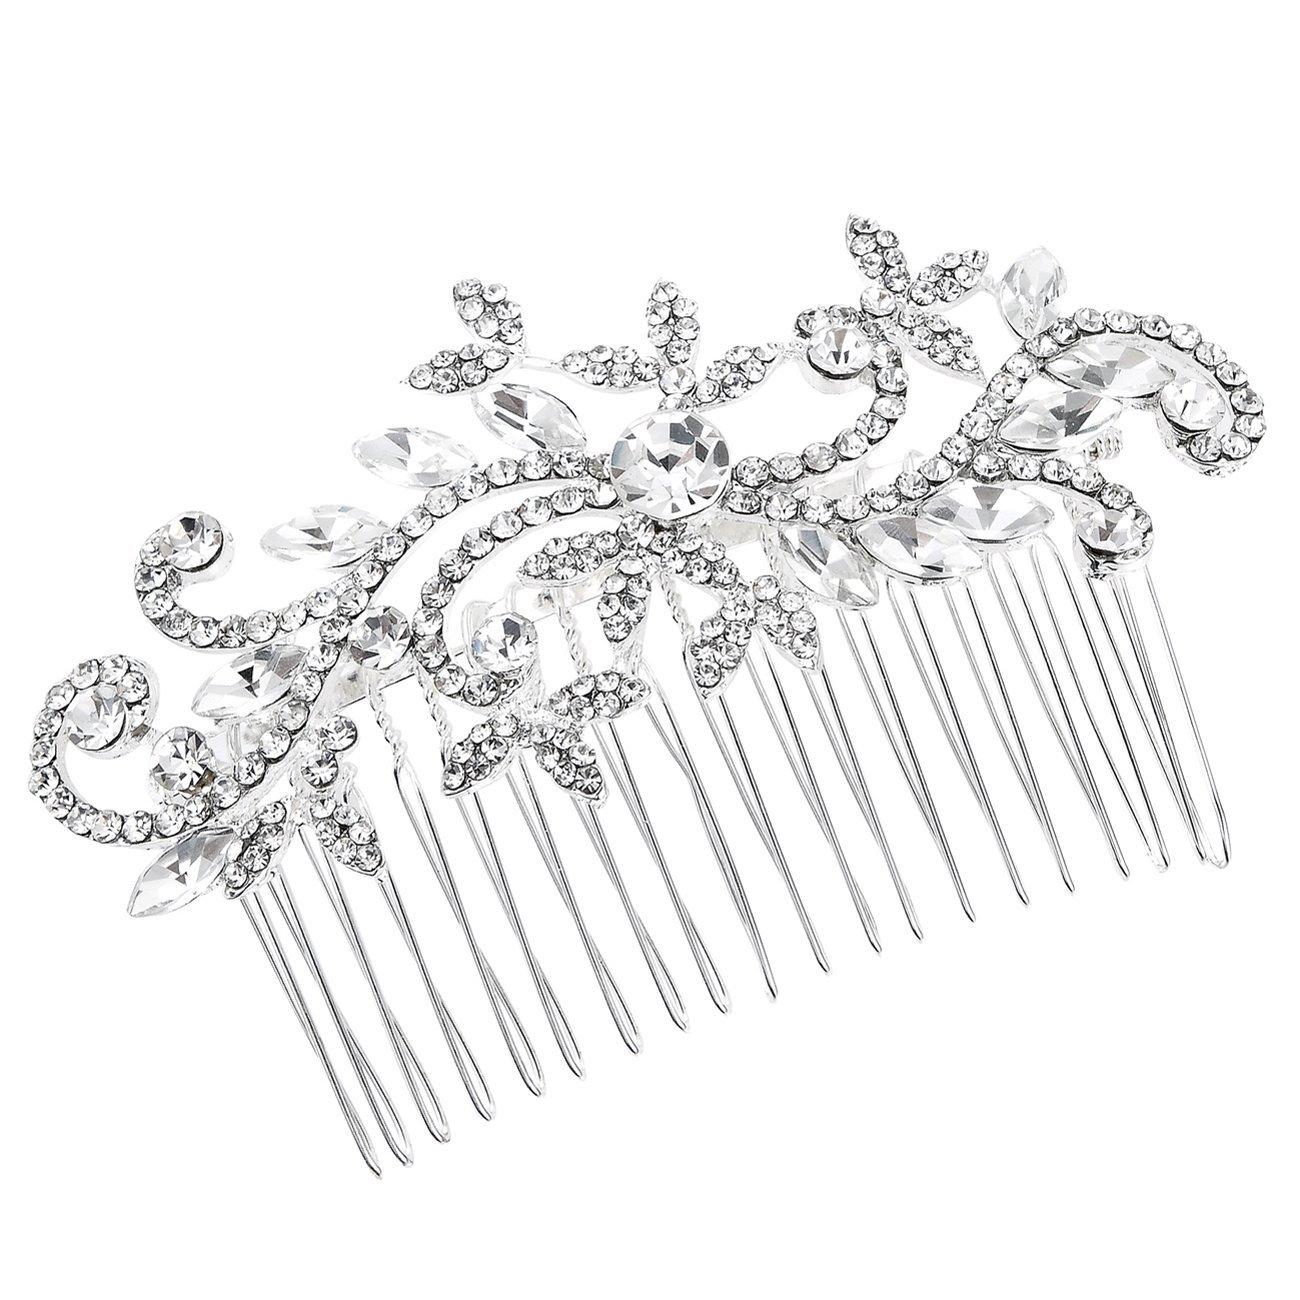 Strass en Argent Peigne à Cheveux Pour marrié Promo Fétes Mariage Accessoires FAYBOX BRIDAL AZWTS60046